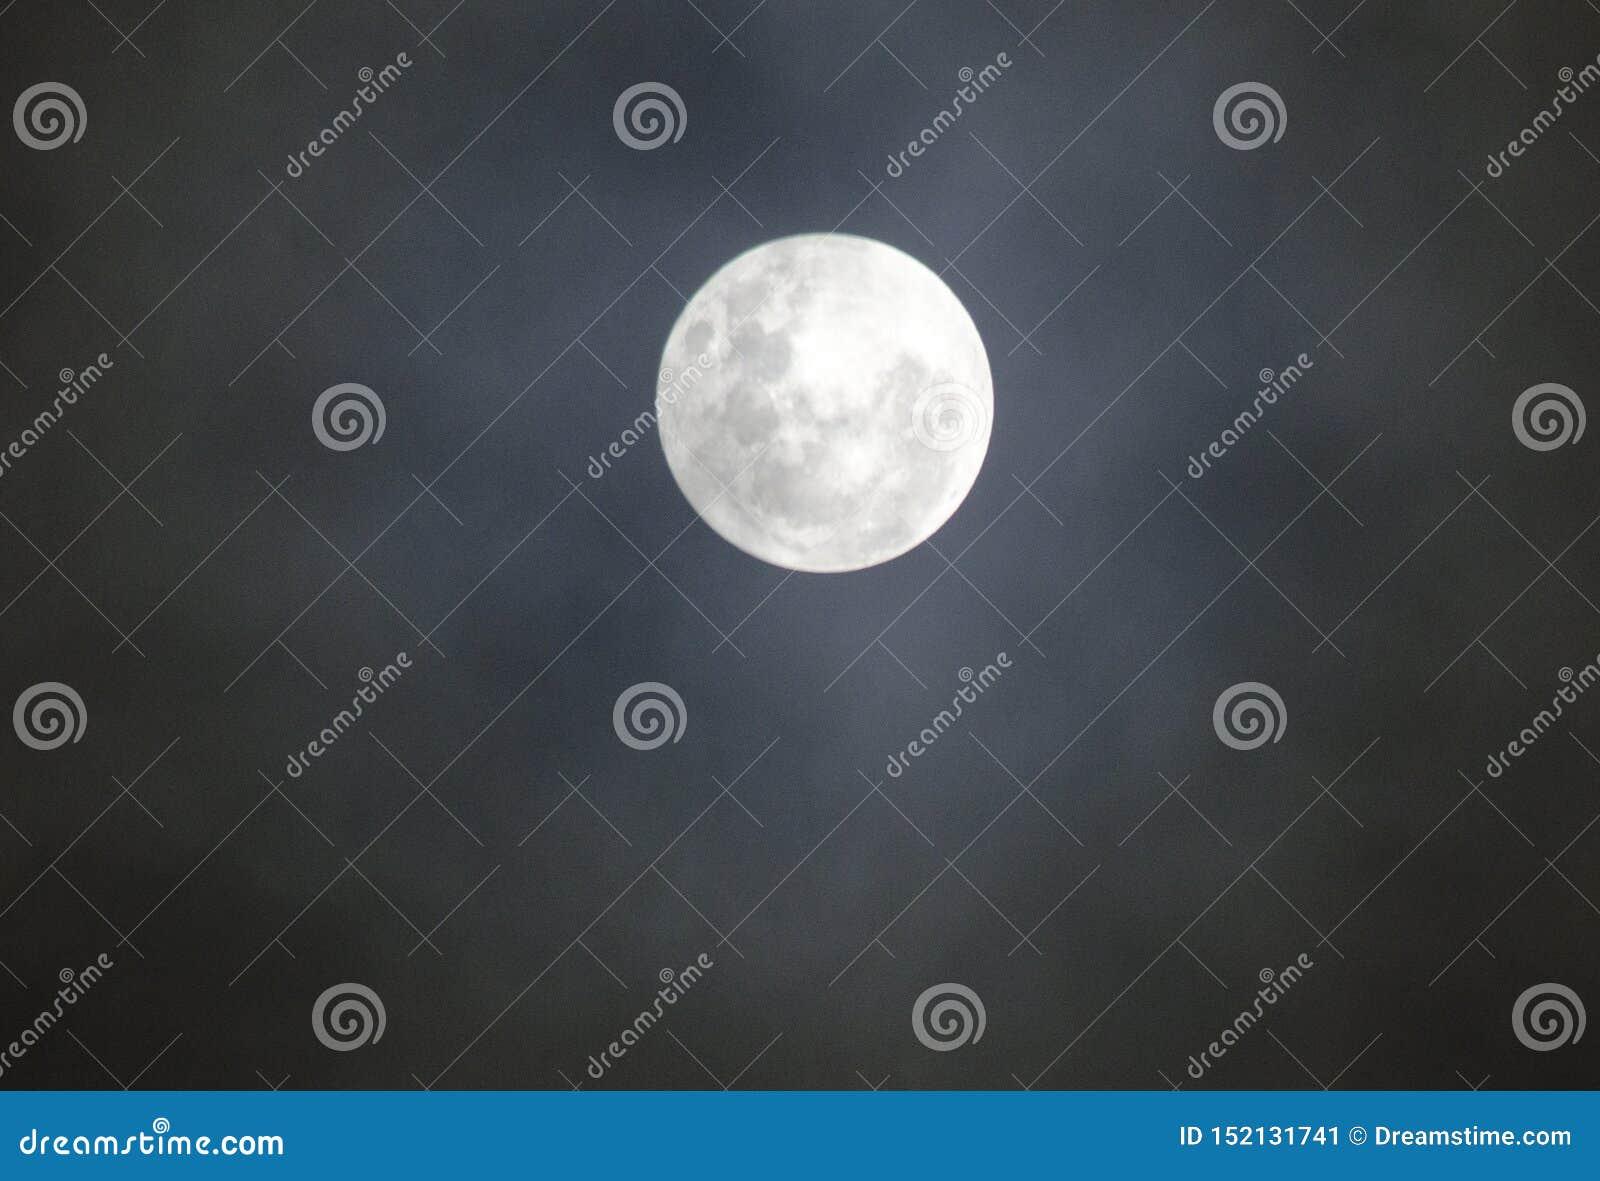 De mooie liefde van de maannacht nightmoon ovemoon